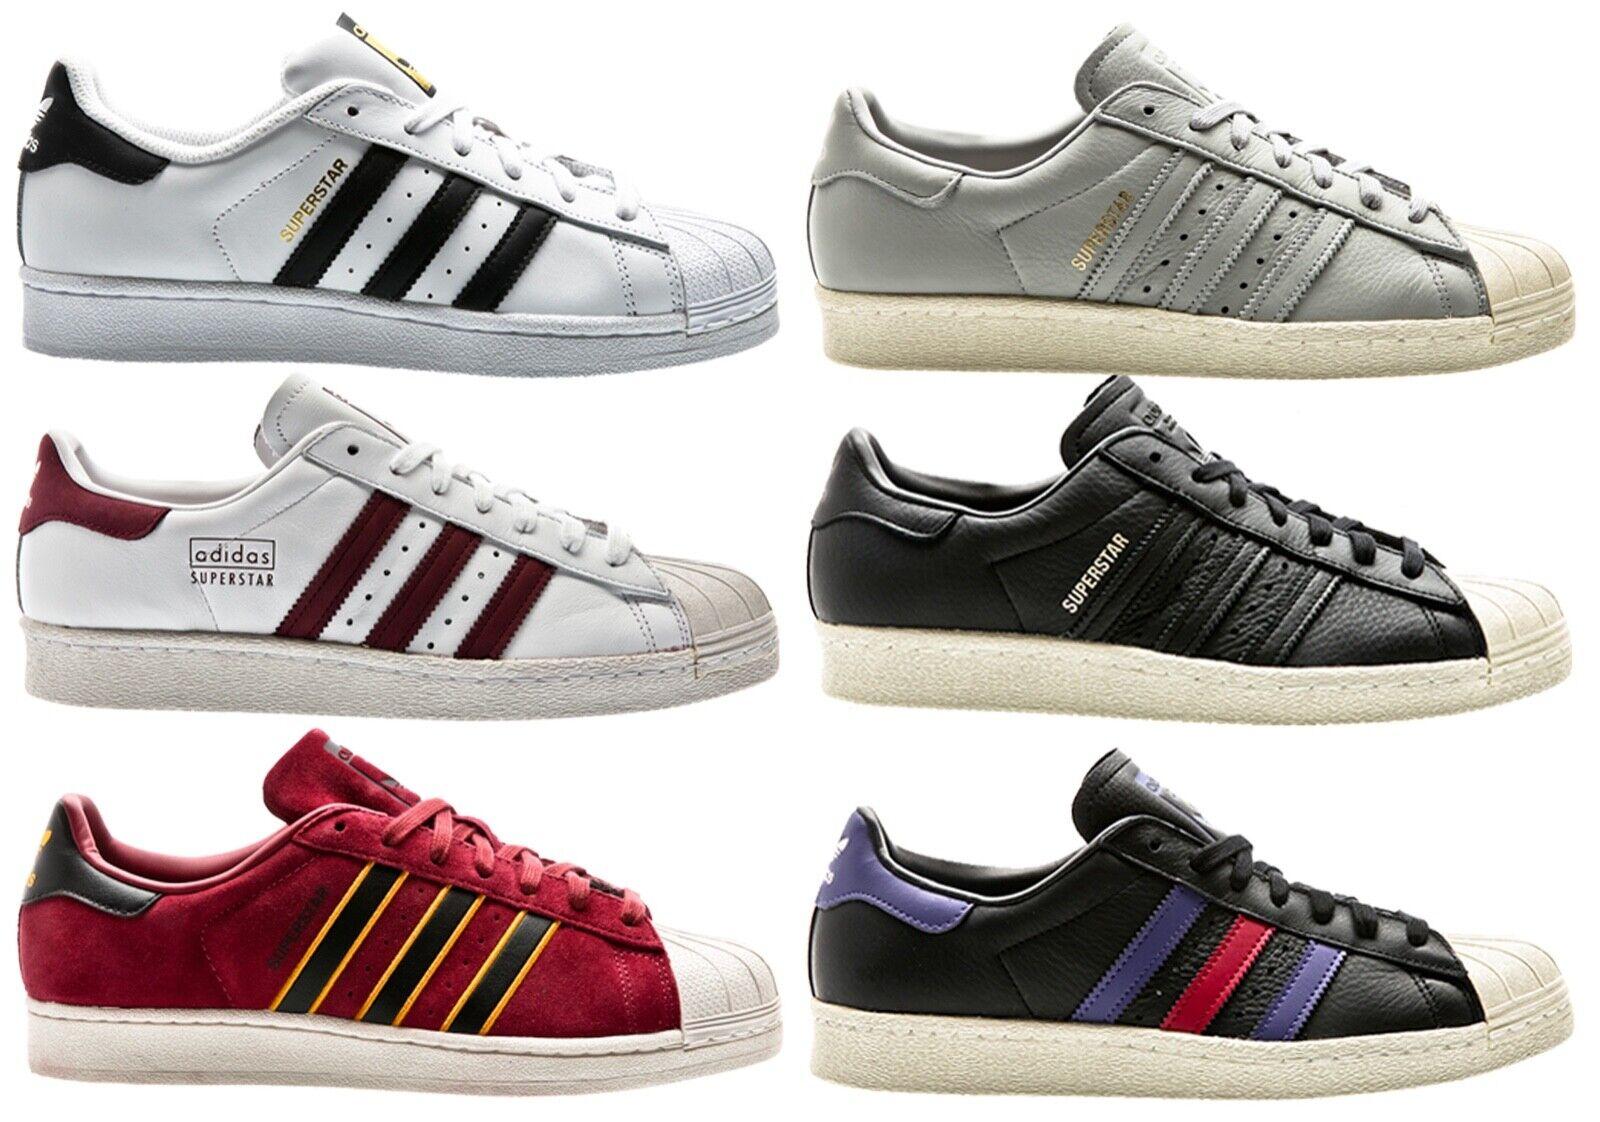 Adidas Superstar 80s Clean Weiß weiss Men Turnschuhe Herren Schuhe schuhe